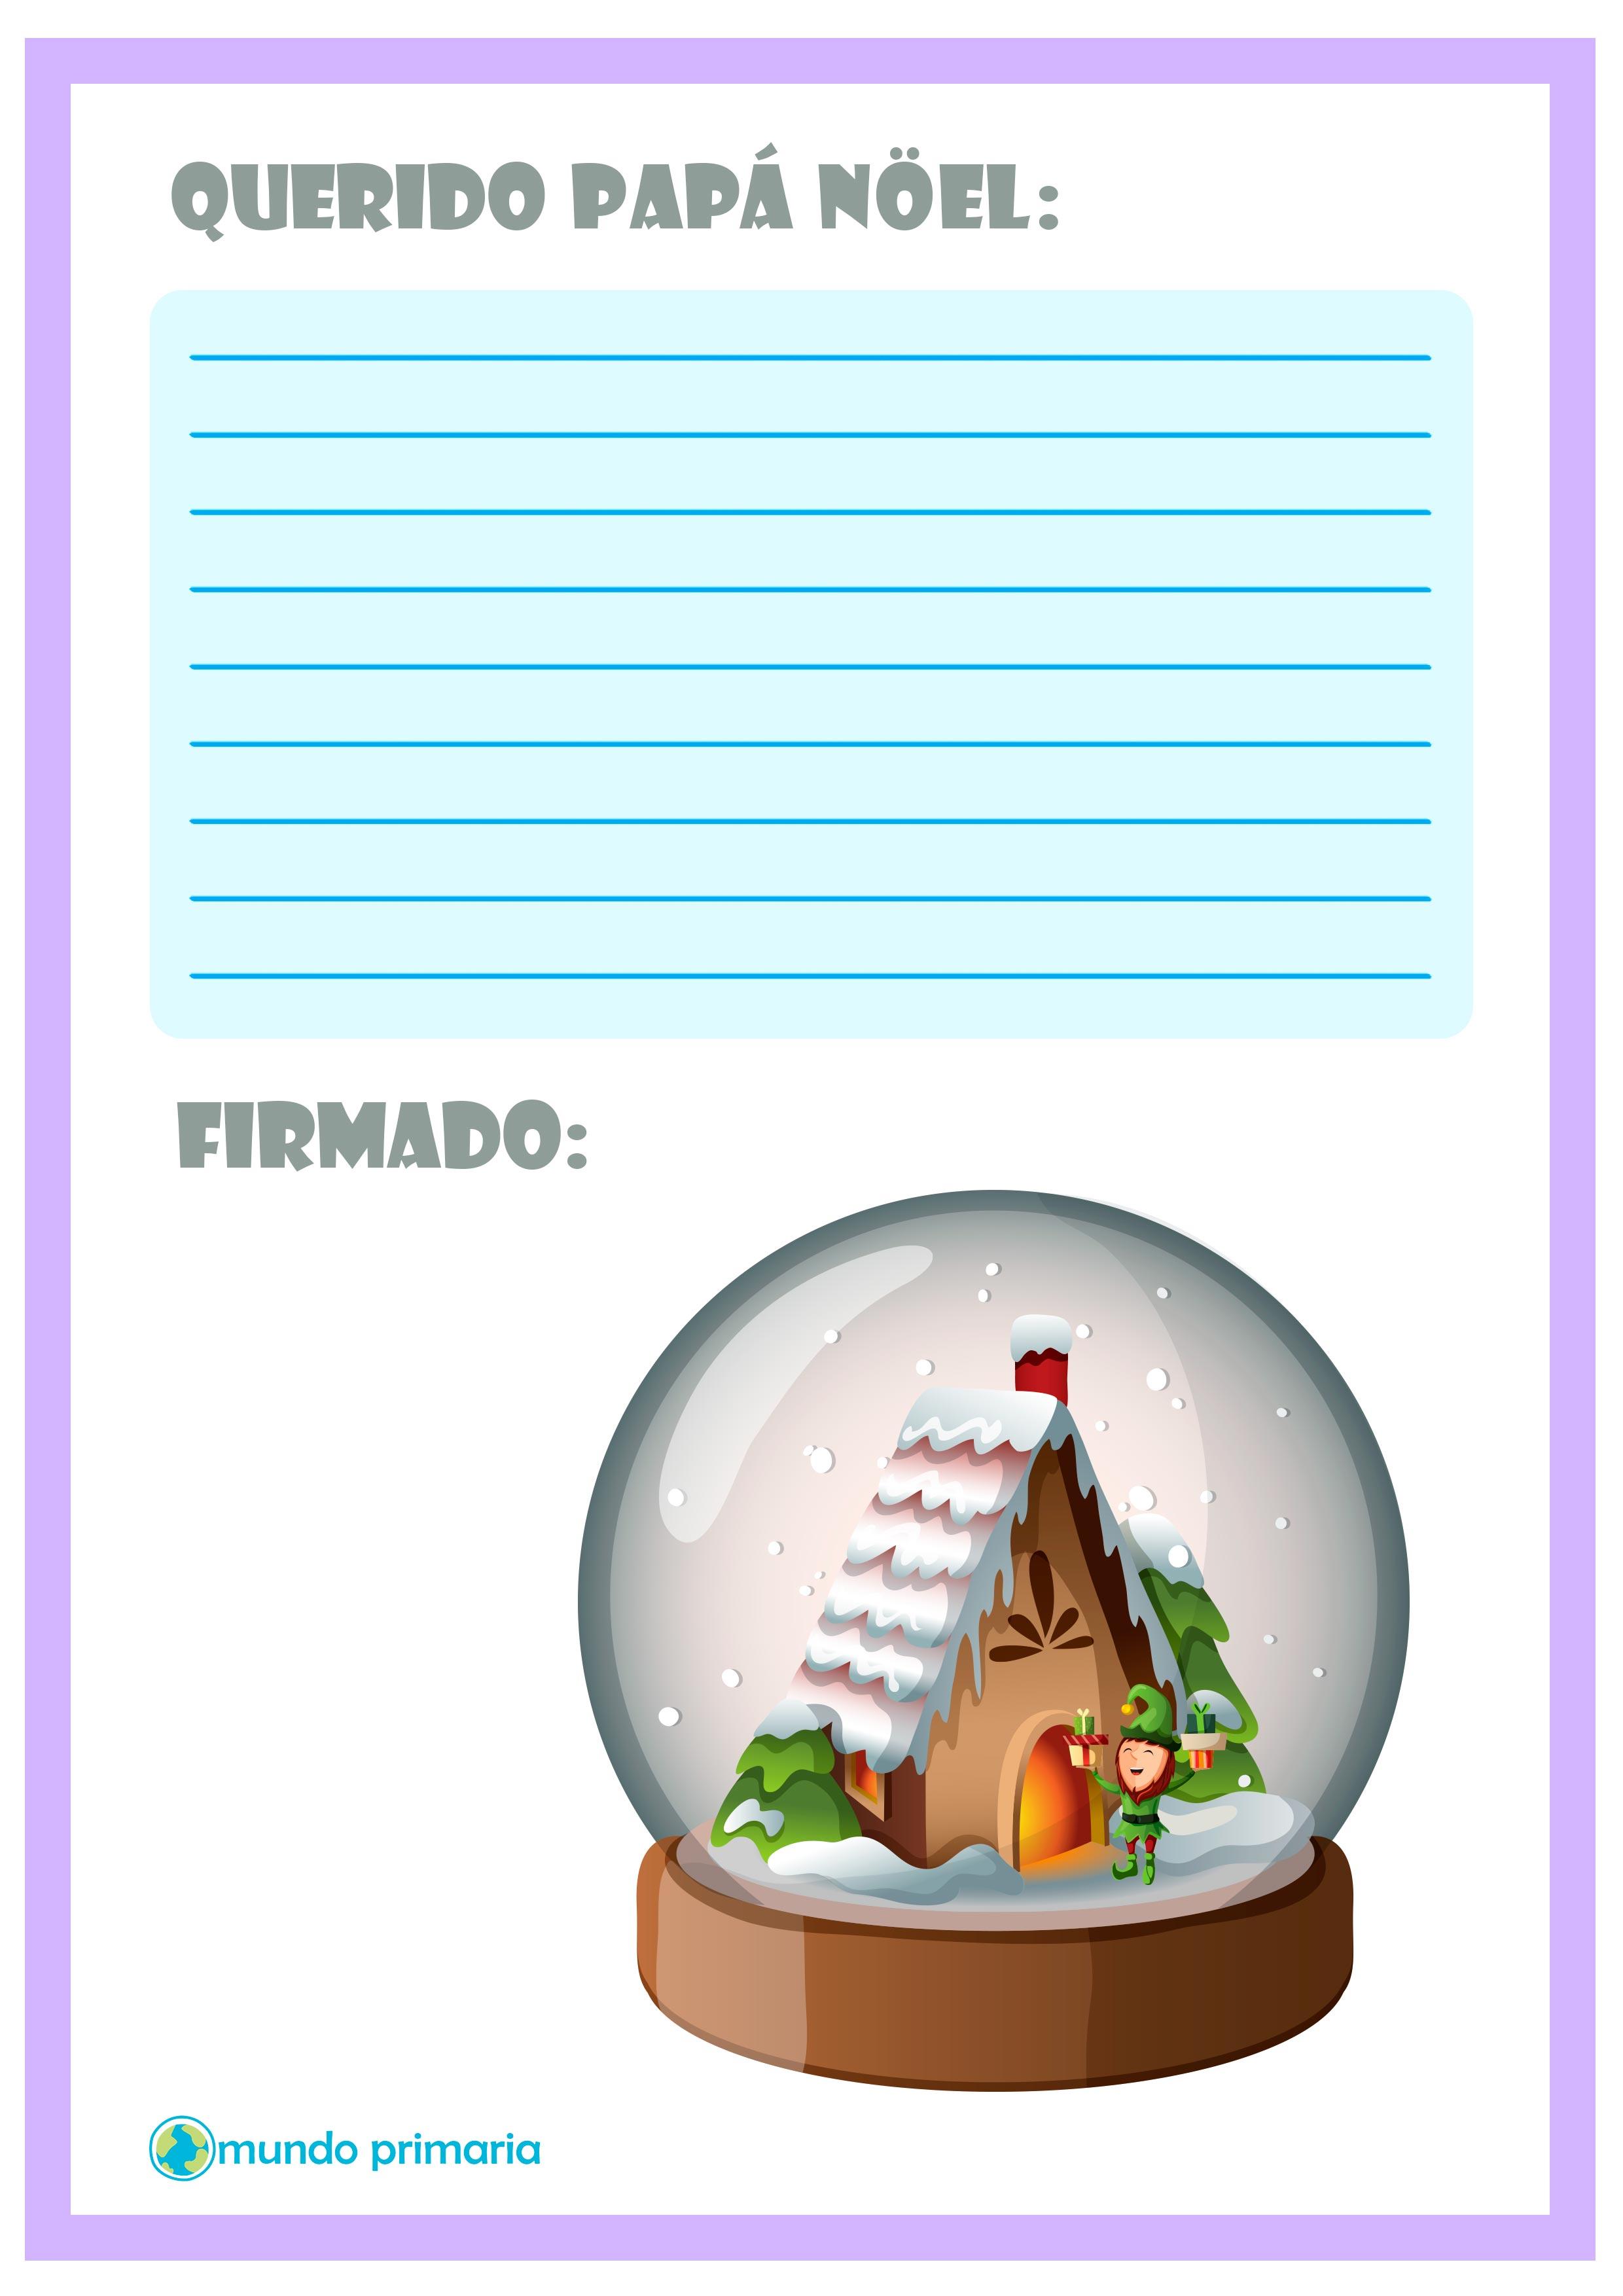 Carta con una bola de nieve para Papa Noel